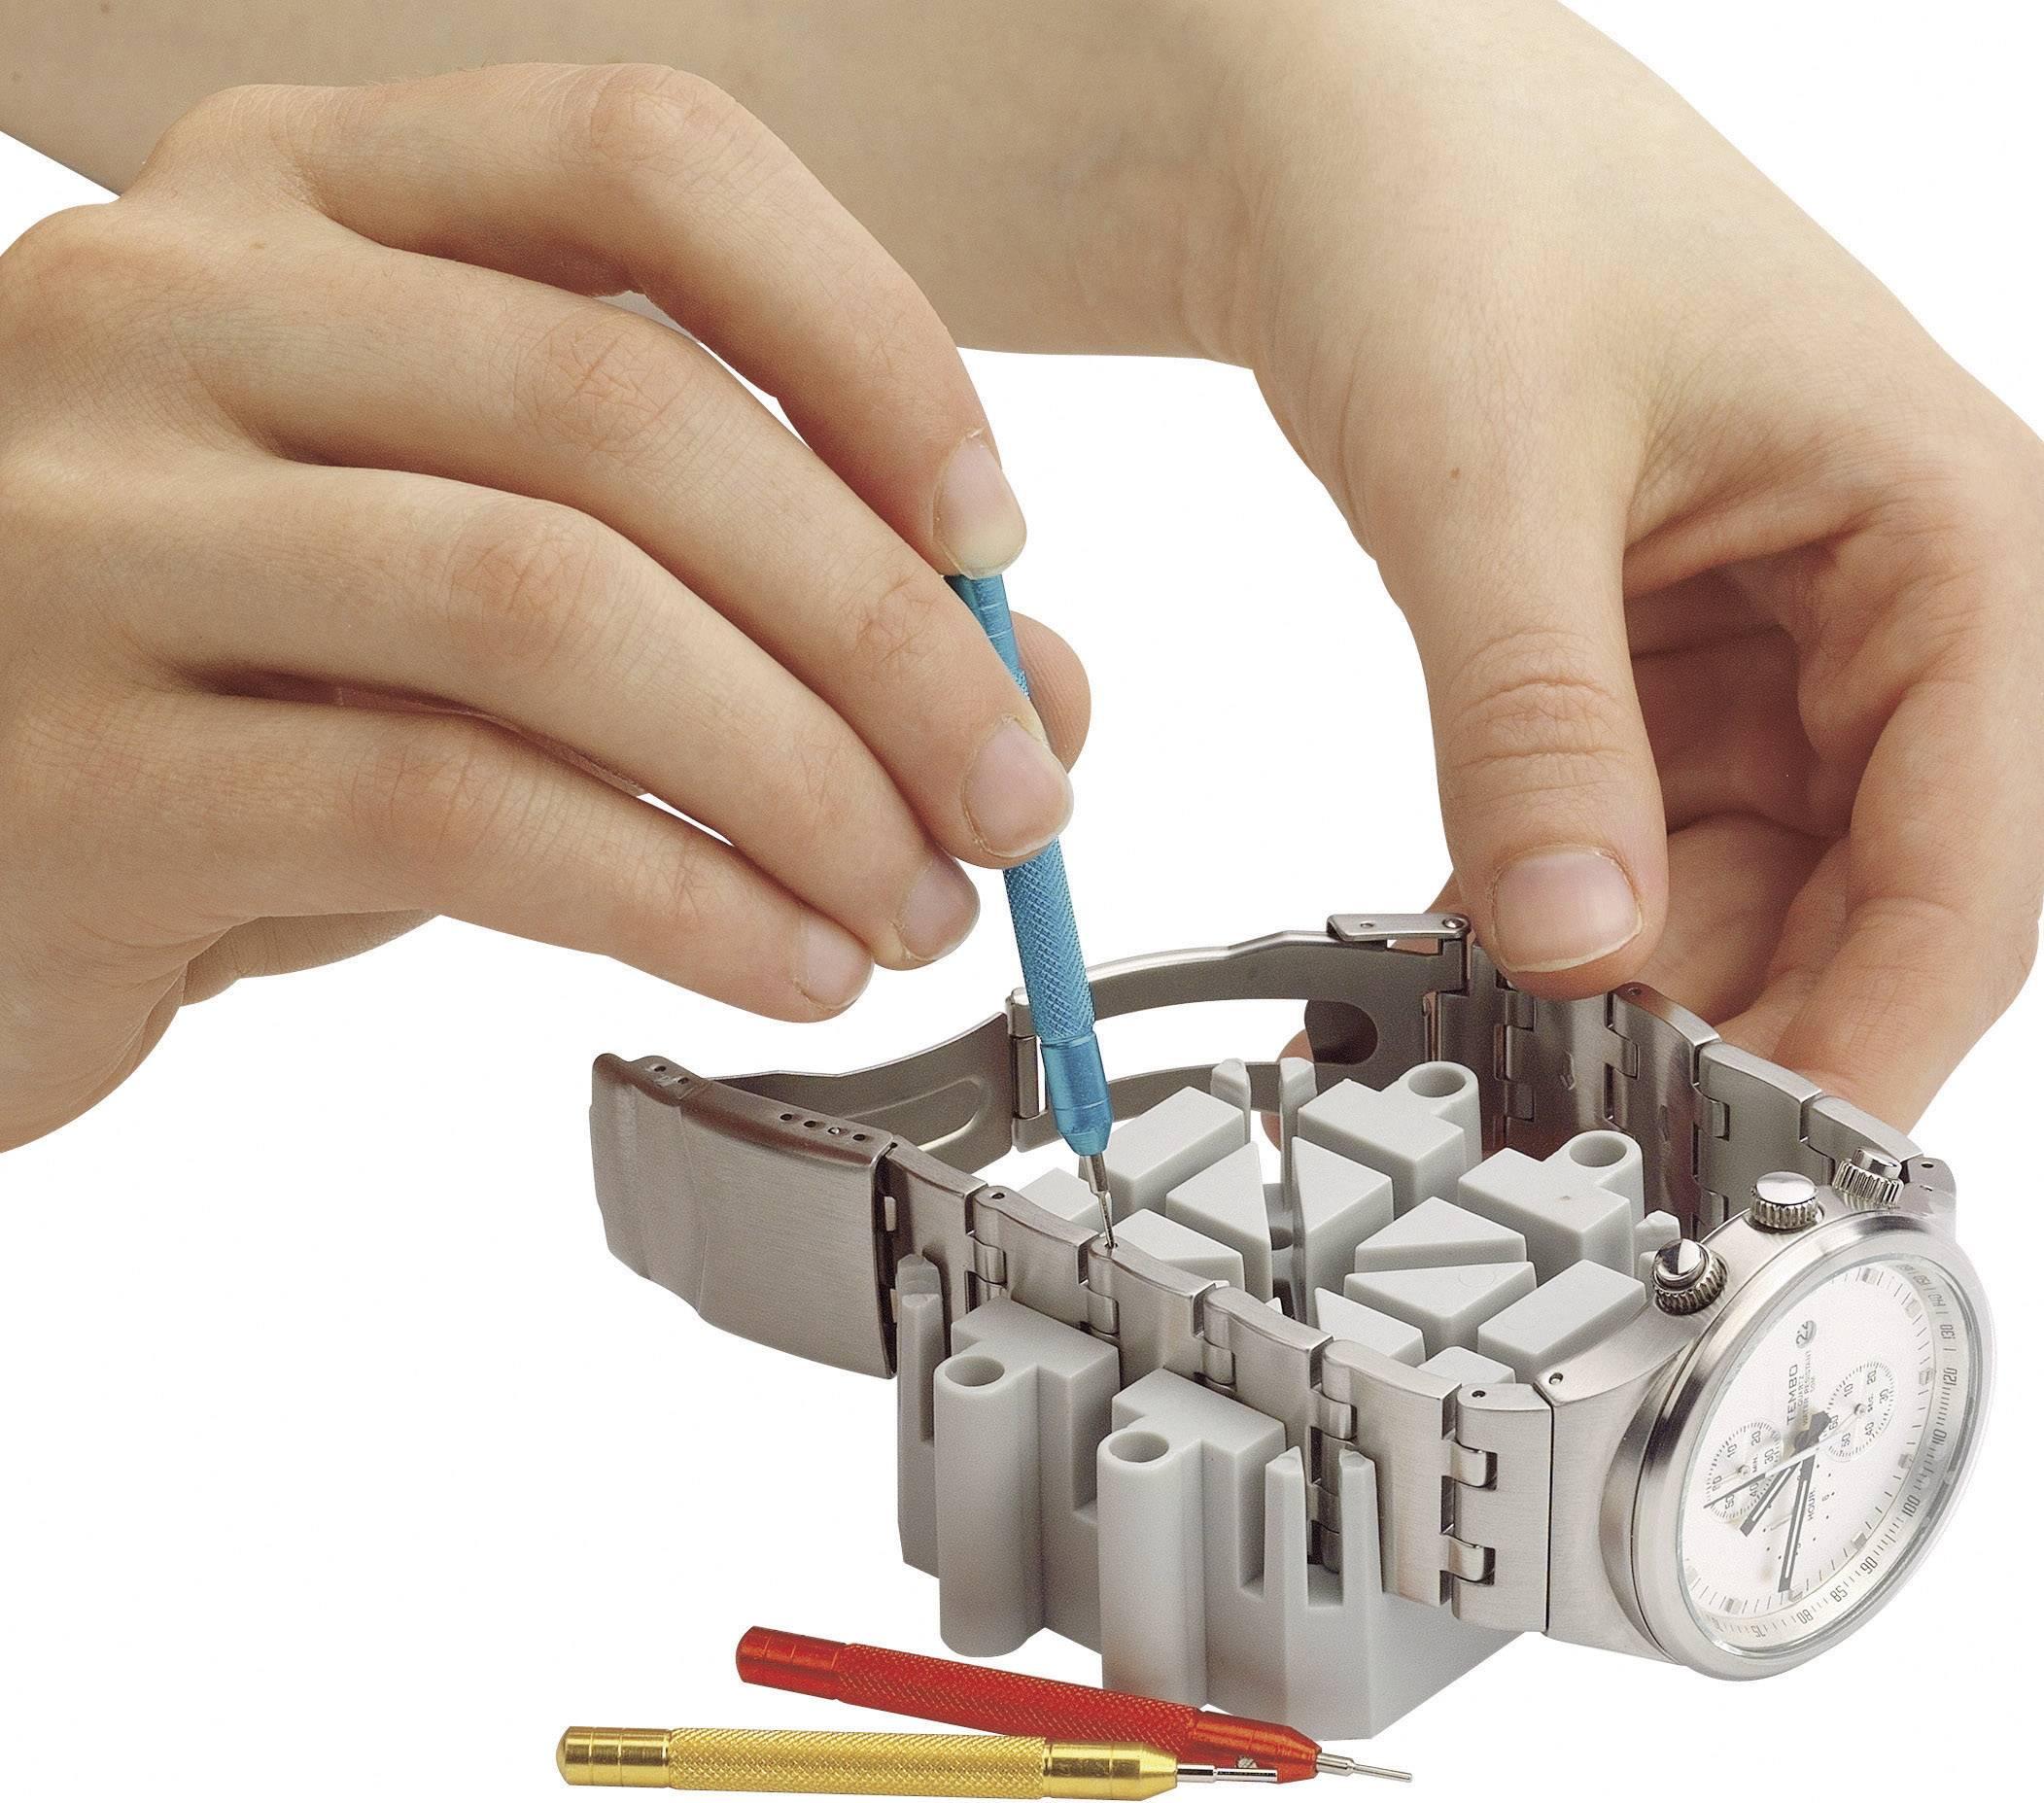 Outil pour raccourcir le bracelet métallique de votre montre